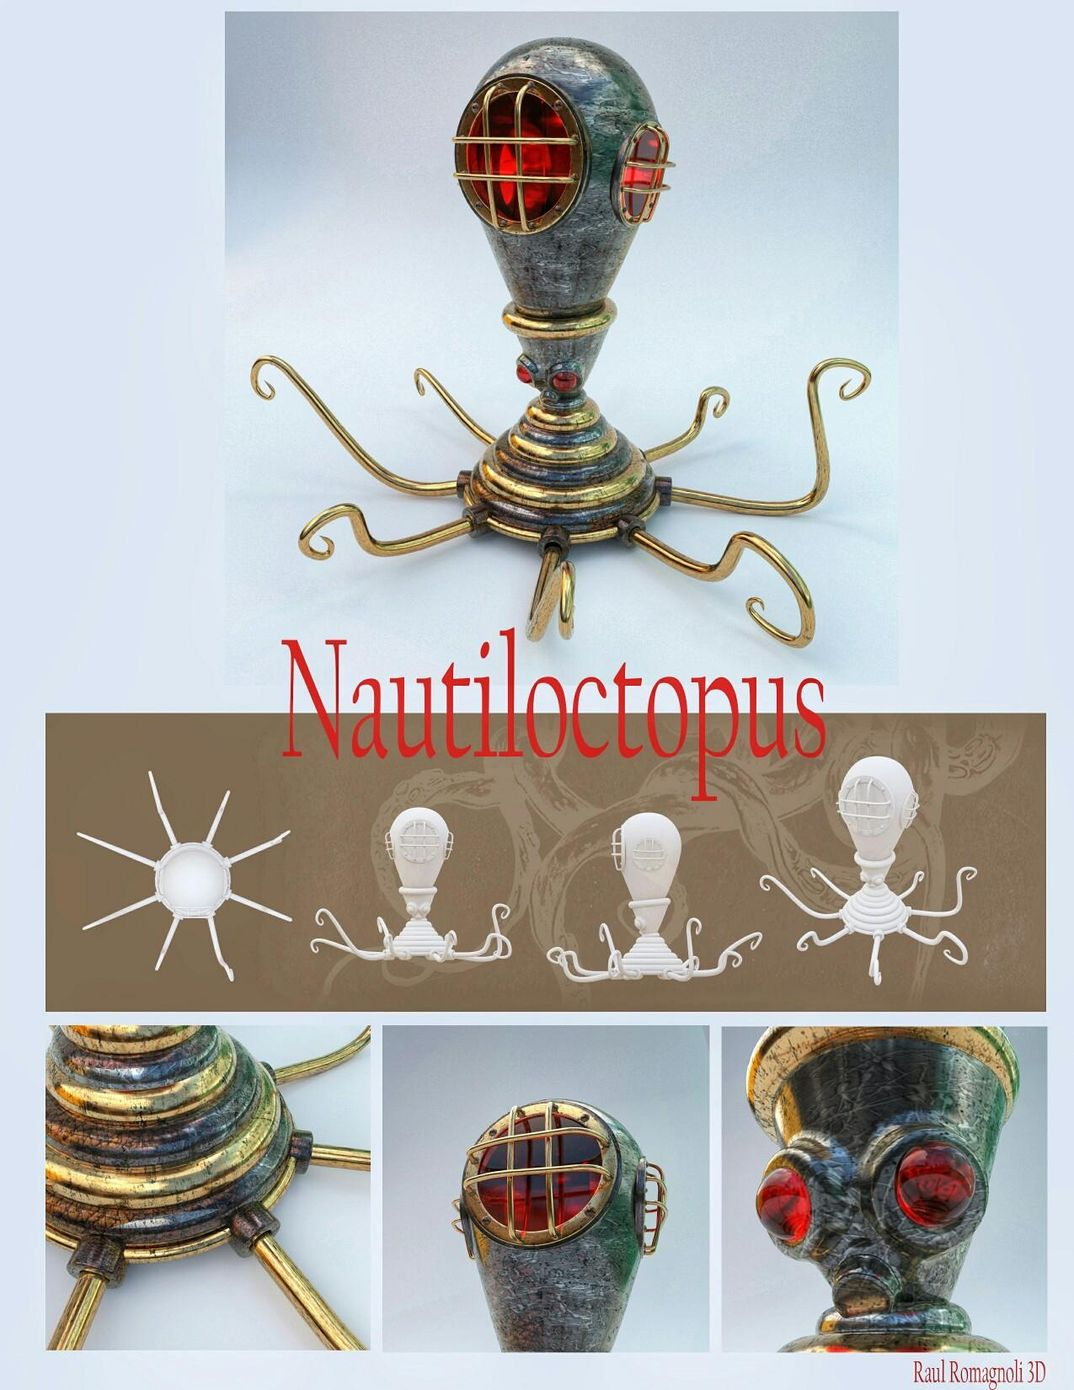 Nautiloctopus